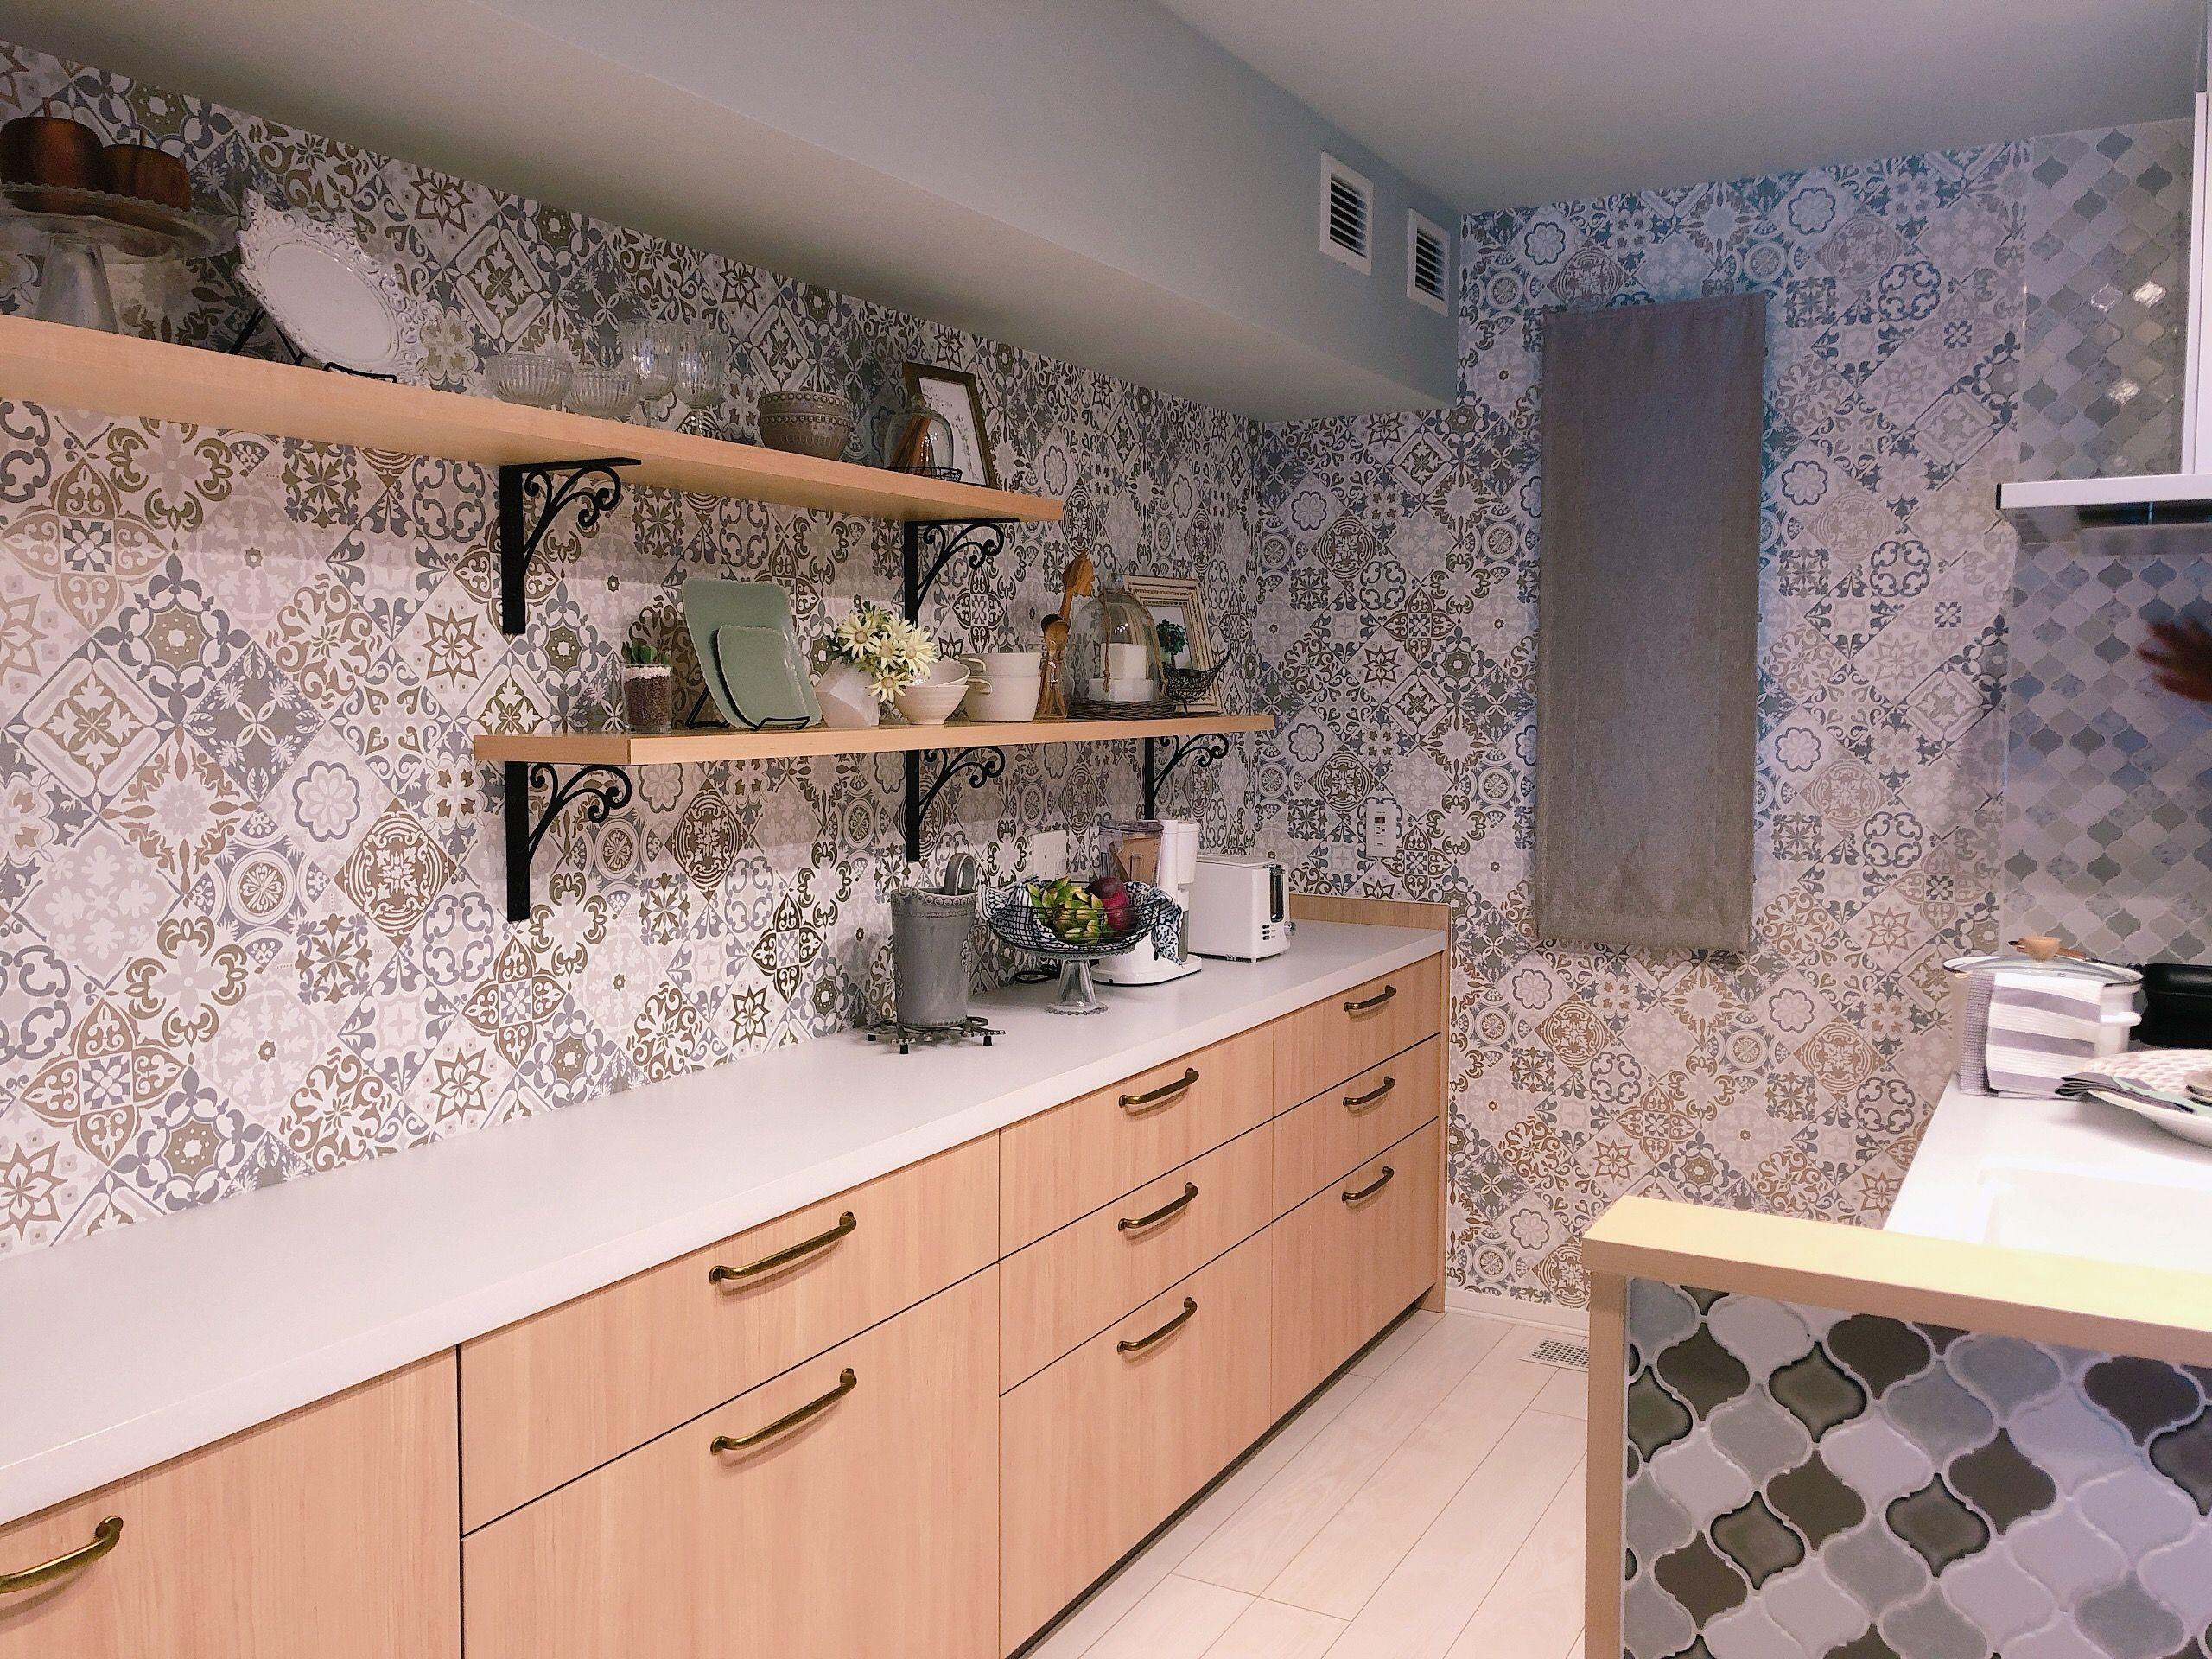 壁紙 モロッコタイル ハイム キッチン デザイン